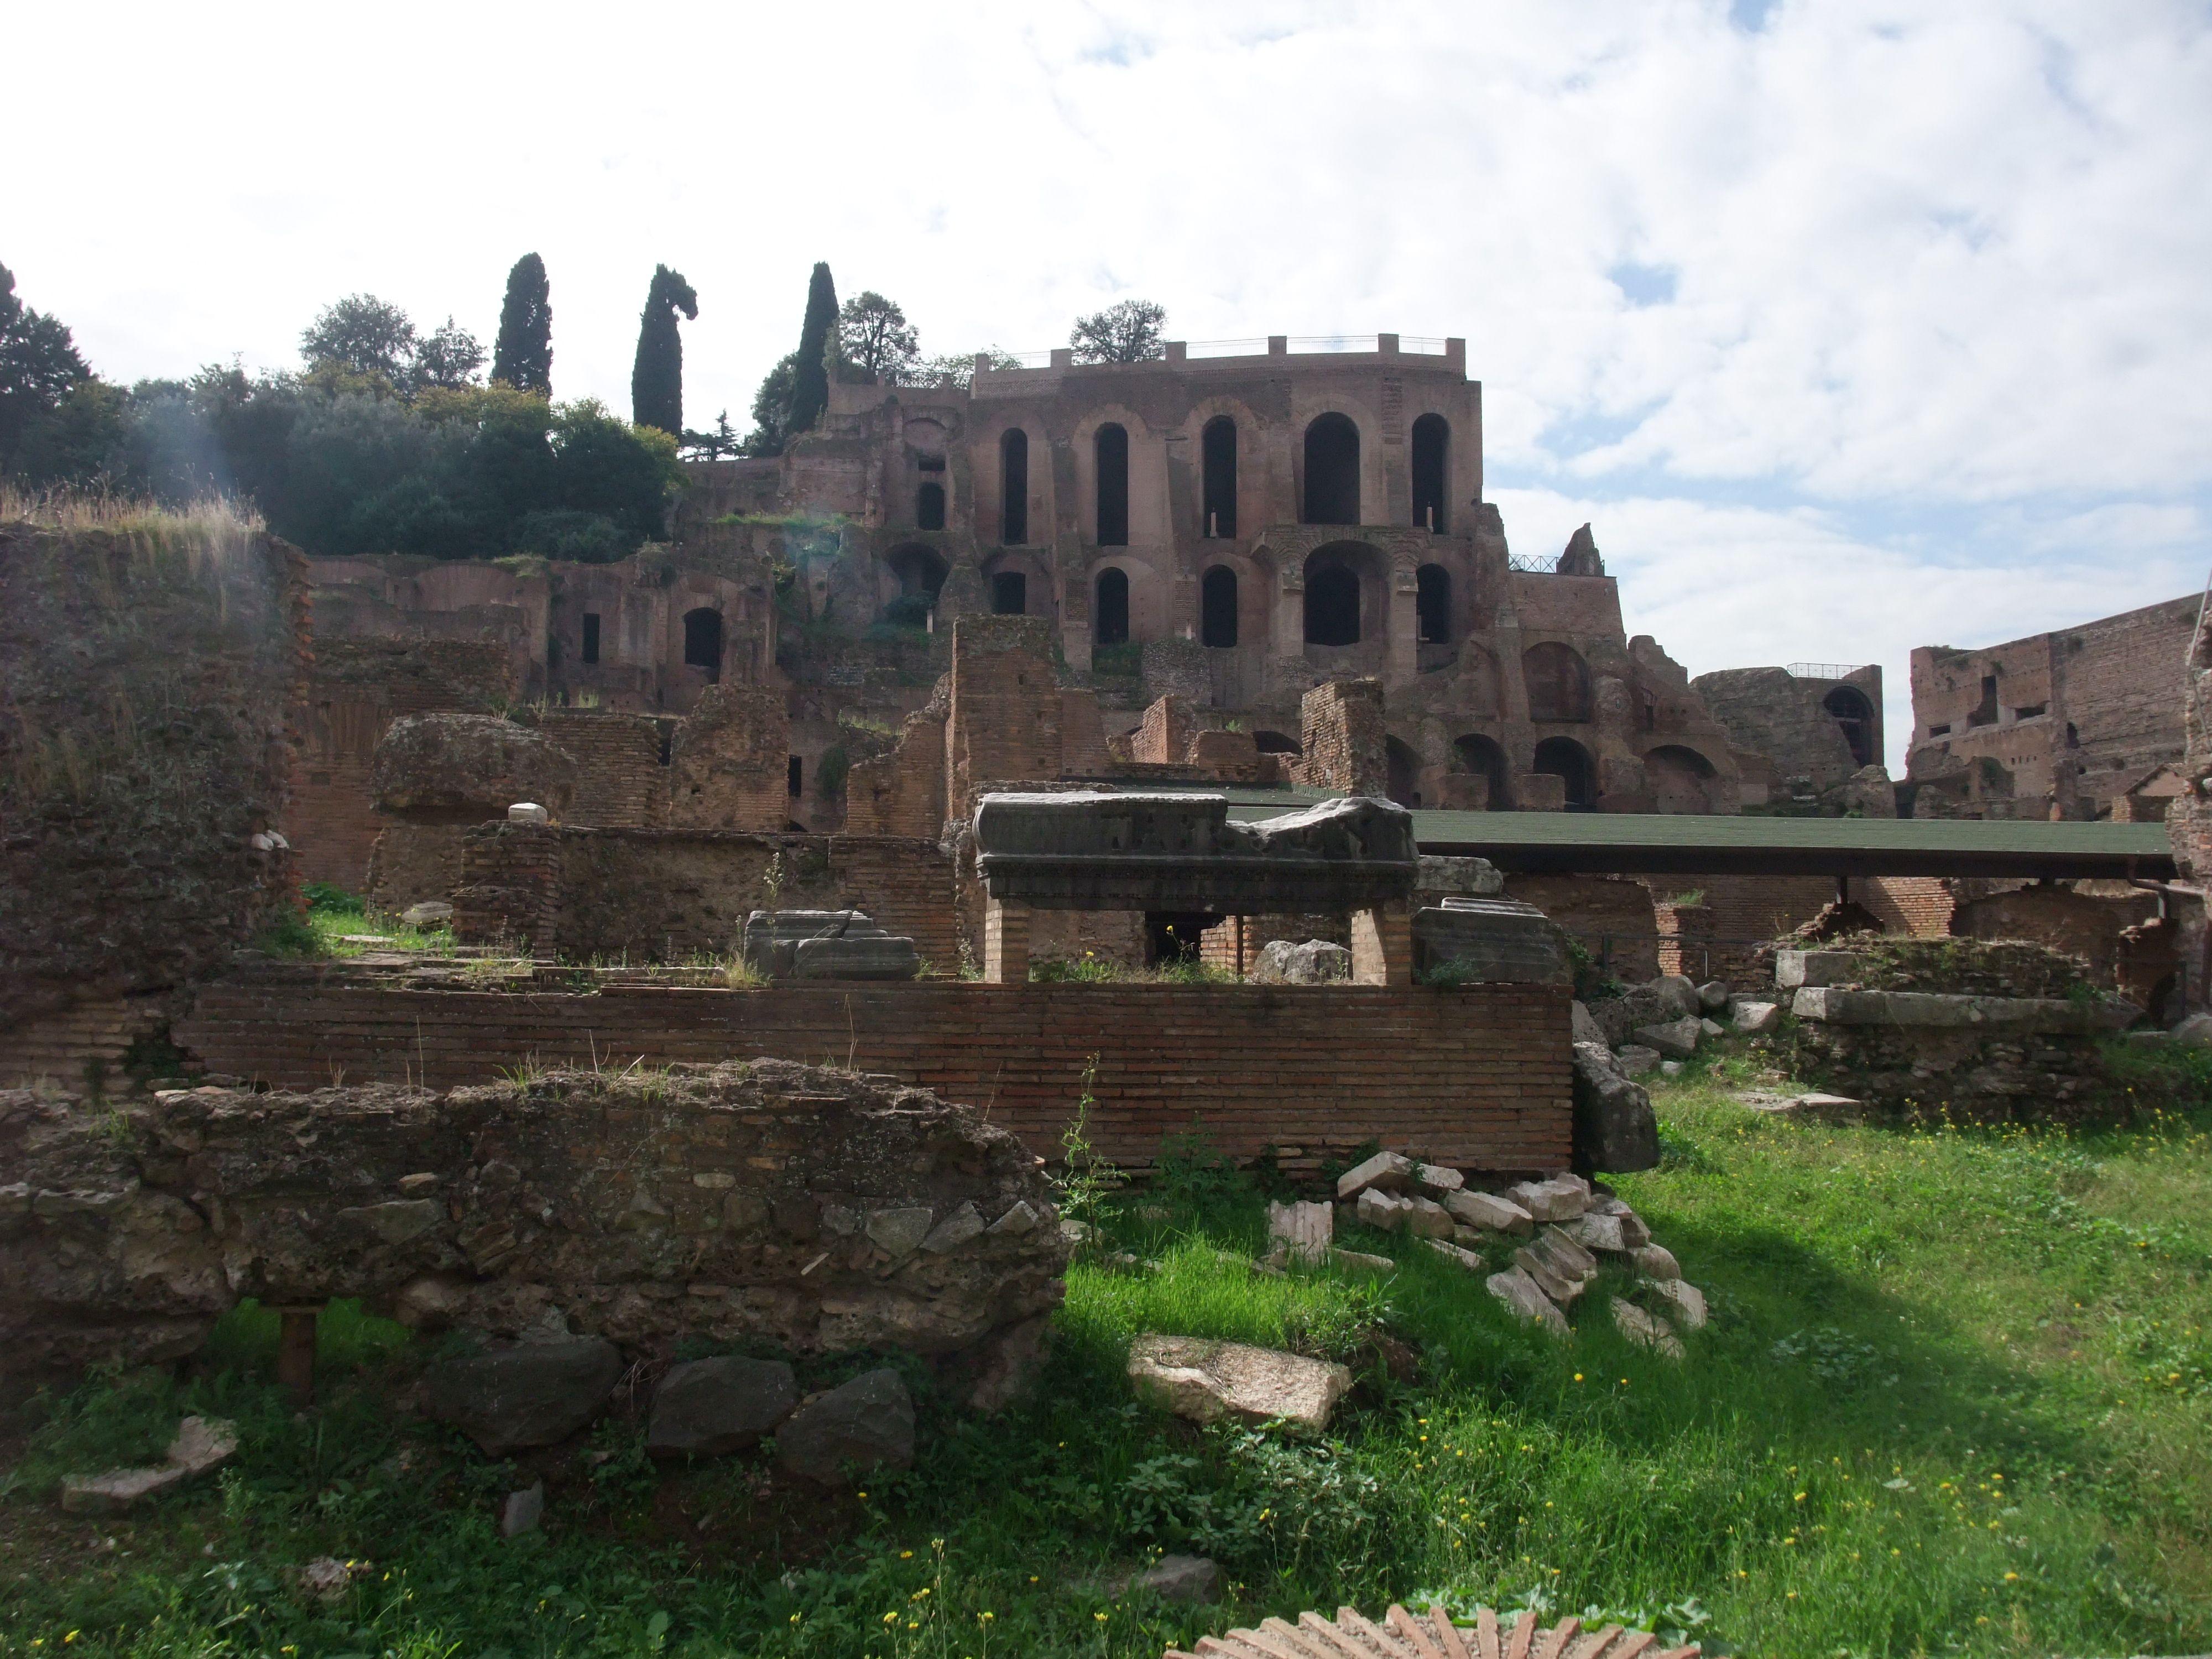 Rome-Forum Romanum. Neem de tijd om het Forum te bezoeken en koop een kaart van de site en een goede reisgids want de beschrijving op de borden is beperkt.